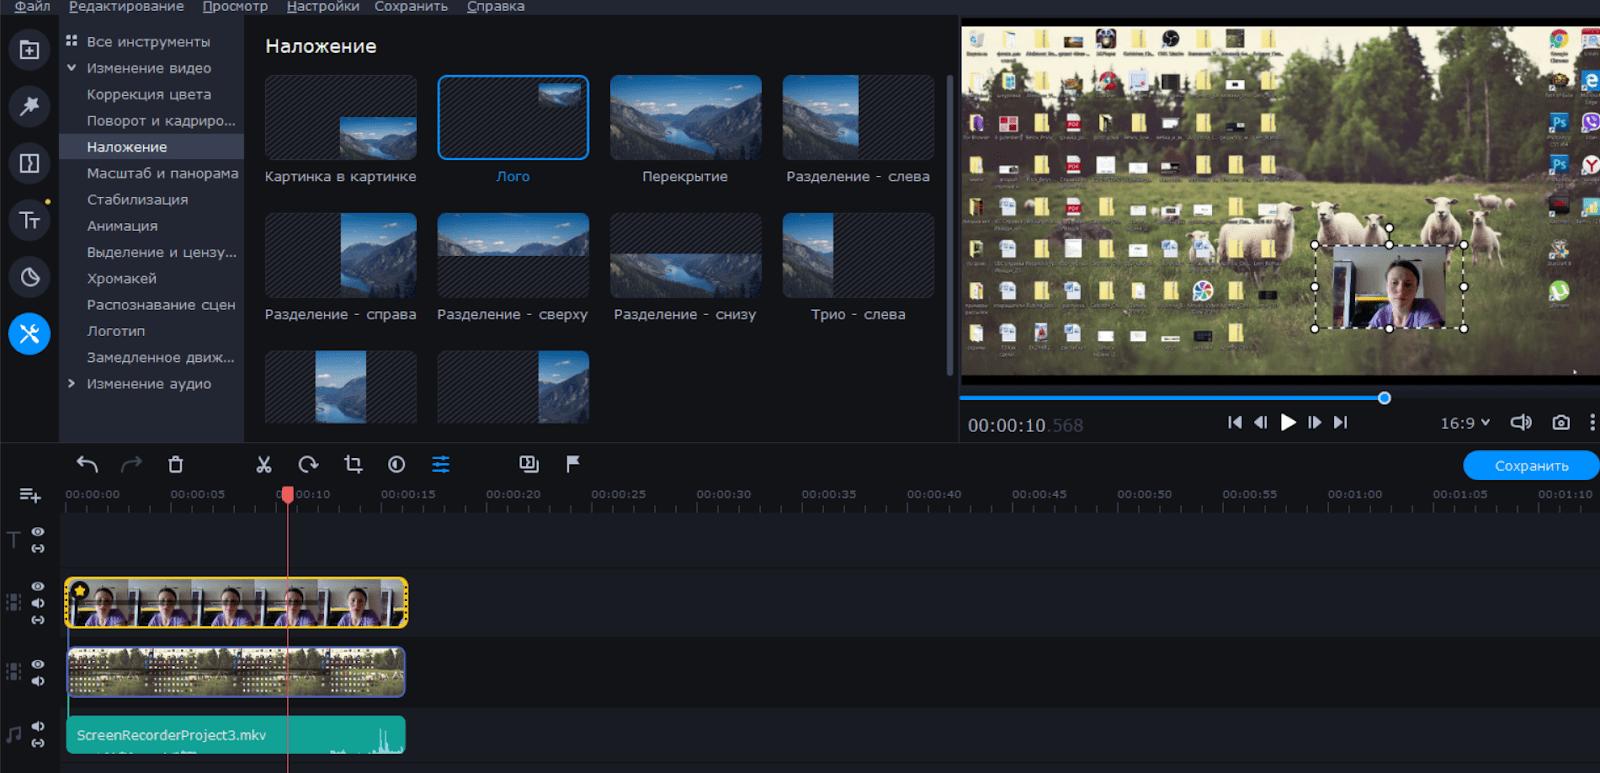 Удобно, что редактировать размещение веб-камеры и само видео можно отдельно от записи экрана. Правда мне не очень понравилось, что в процессе записи веб-камера не отображается, а появляется только в готовом видео